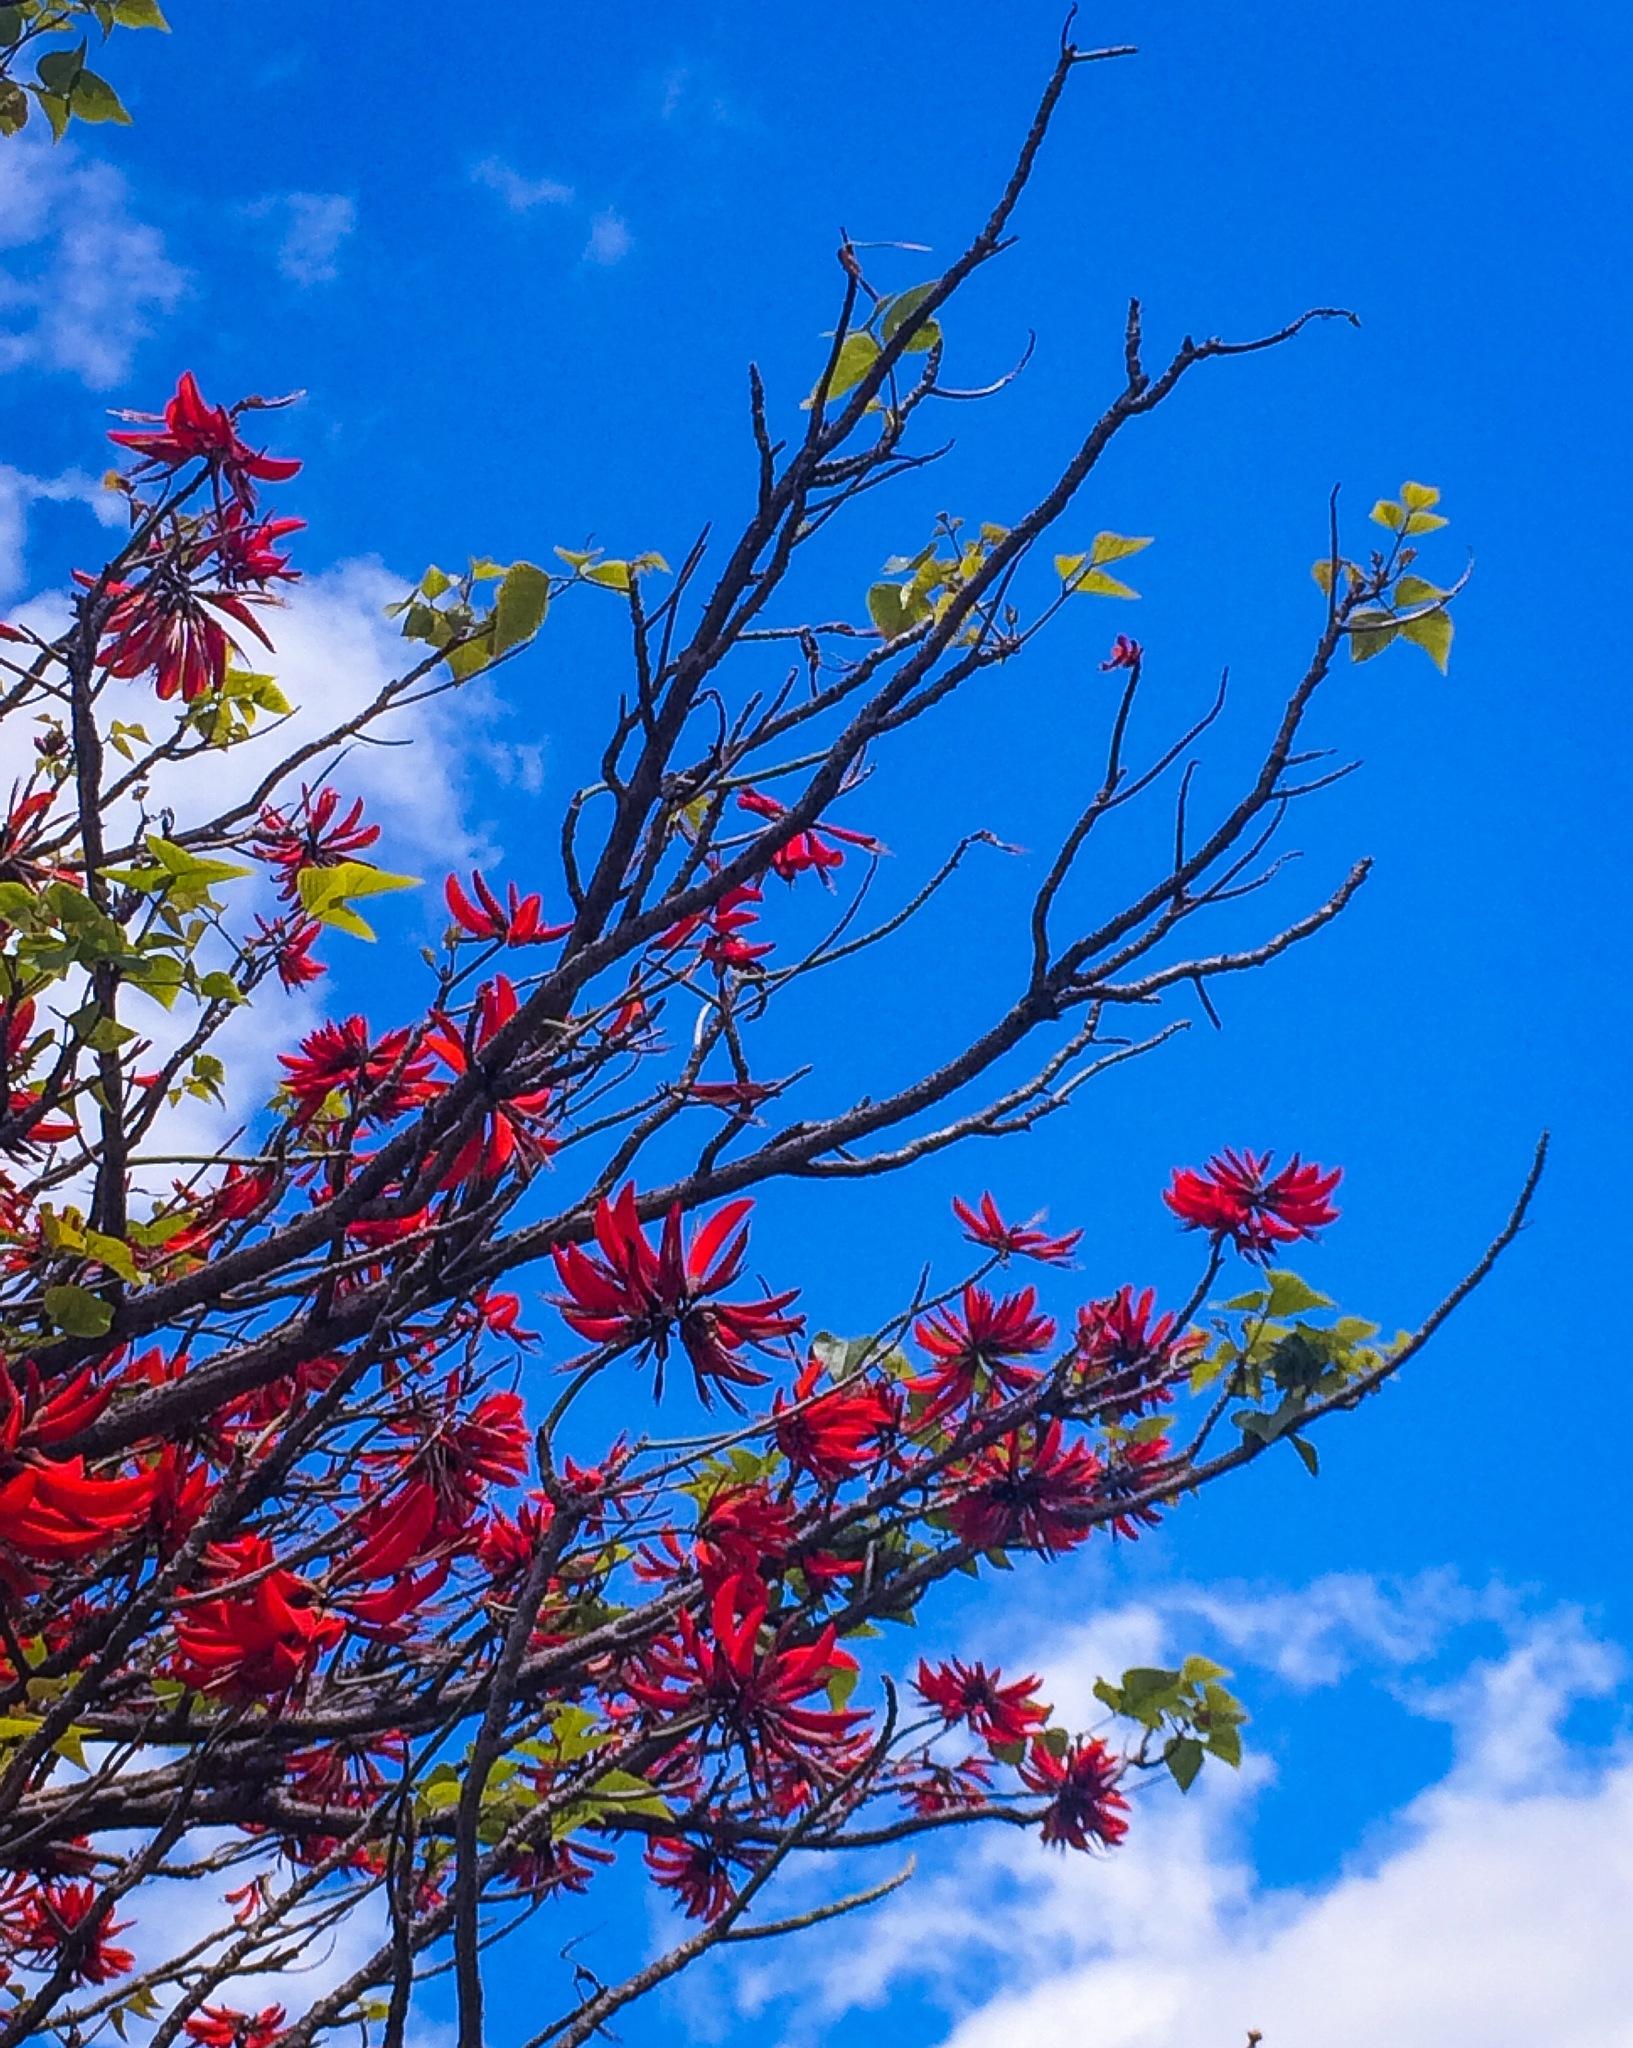 Blue sky  by Yeakuty Jhanker